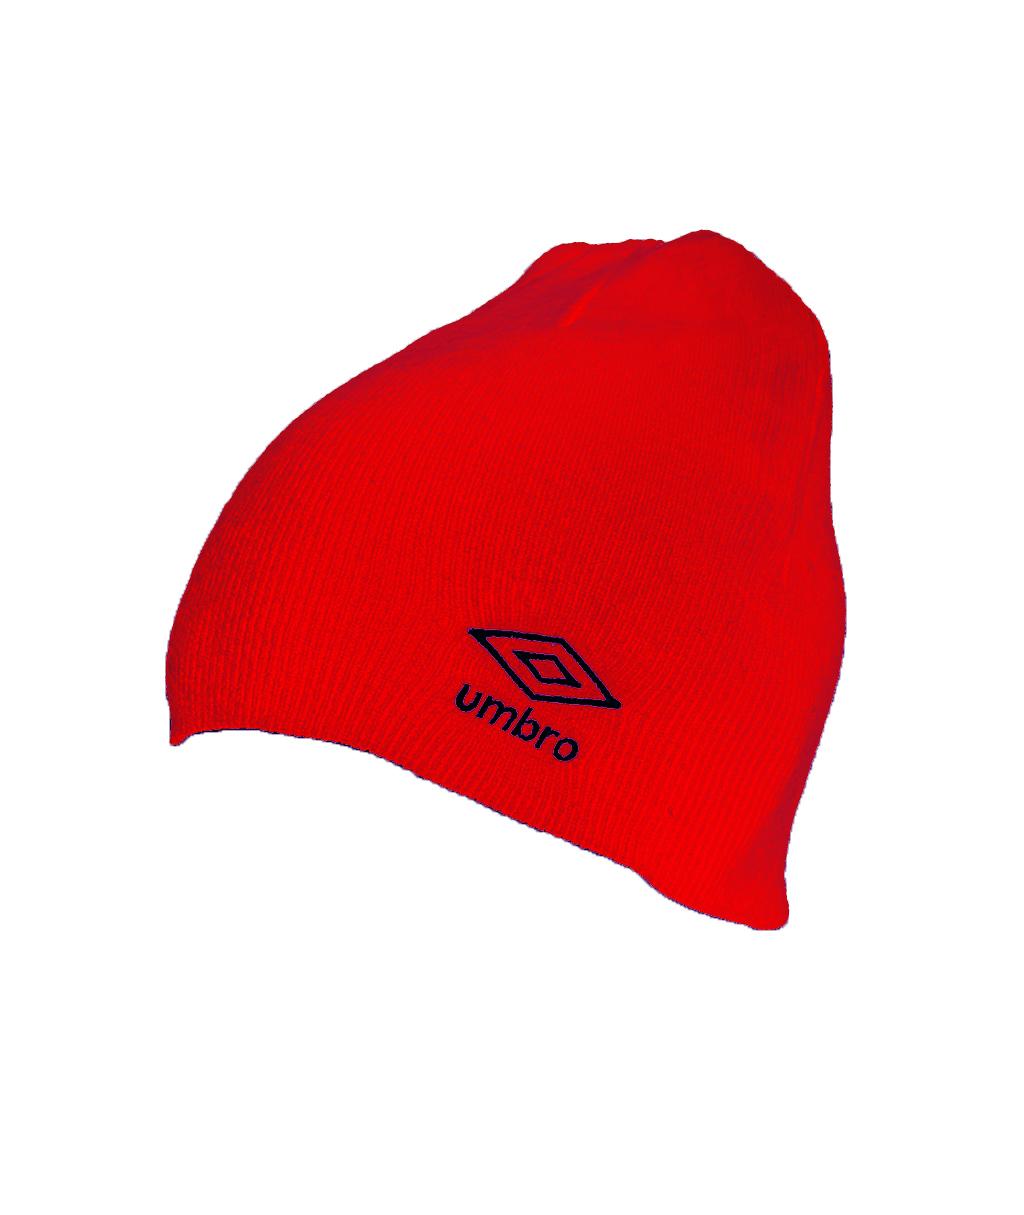 Купить красную шапку Umbro Beanie 62594U в интернет-магазине